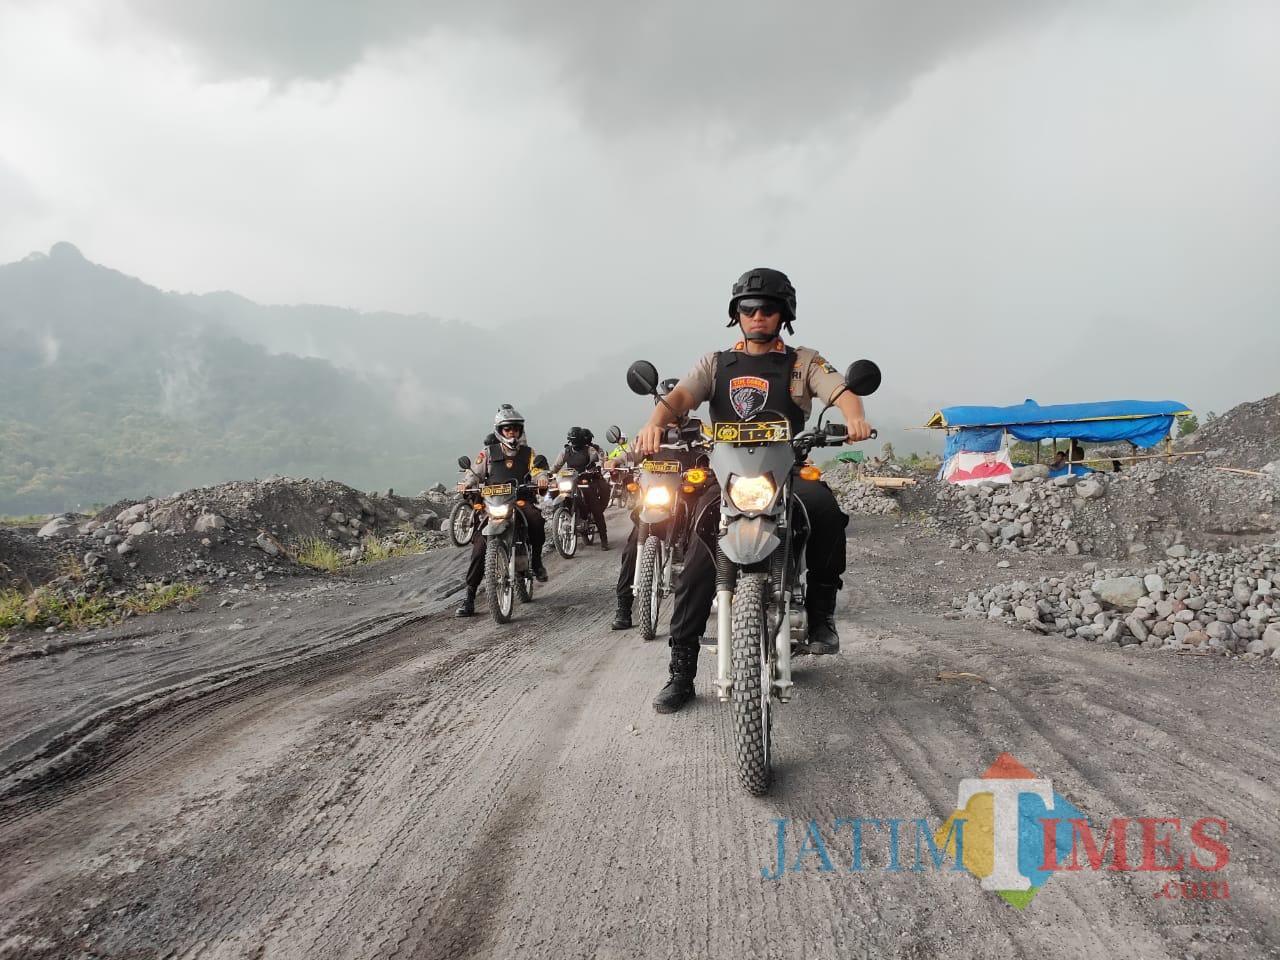 Kapolres Lumajang melakukan pengecekan jalur tambang di Lumajang (Foto : Moch. R. Abdul Fatah / Jatim TIMES)